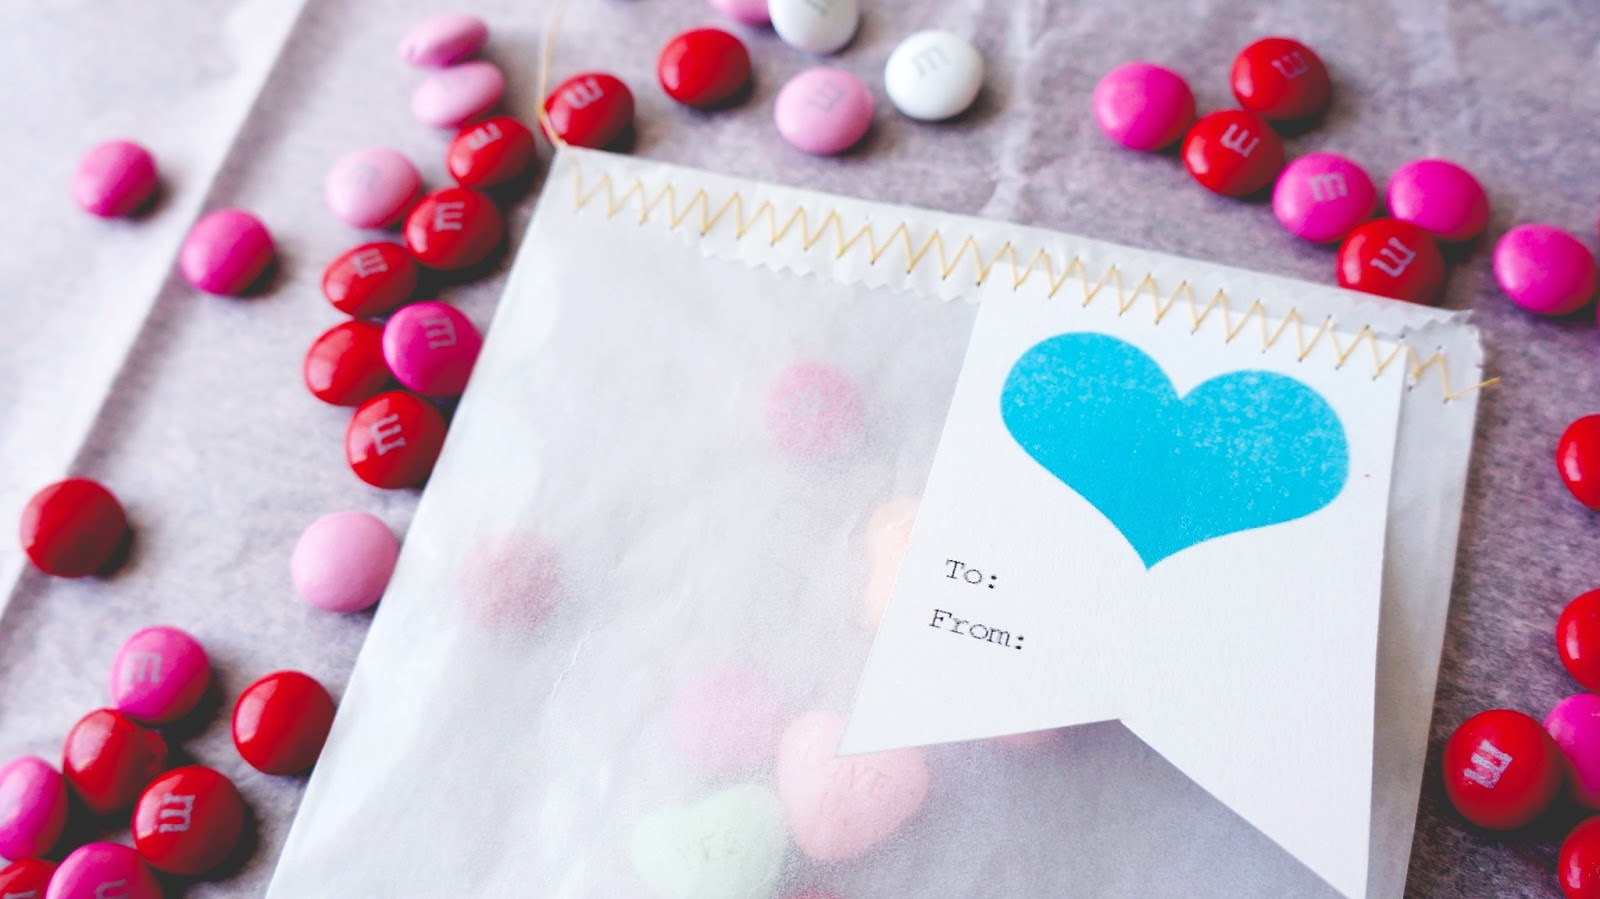 diy vellum valentine goodie bags harvesting love events - Valentines Goodie Bags